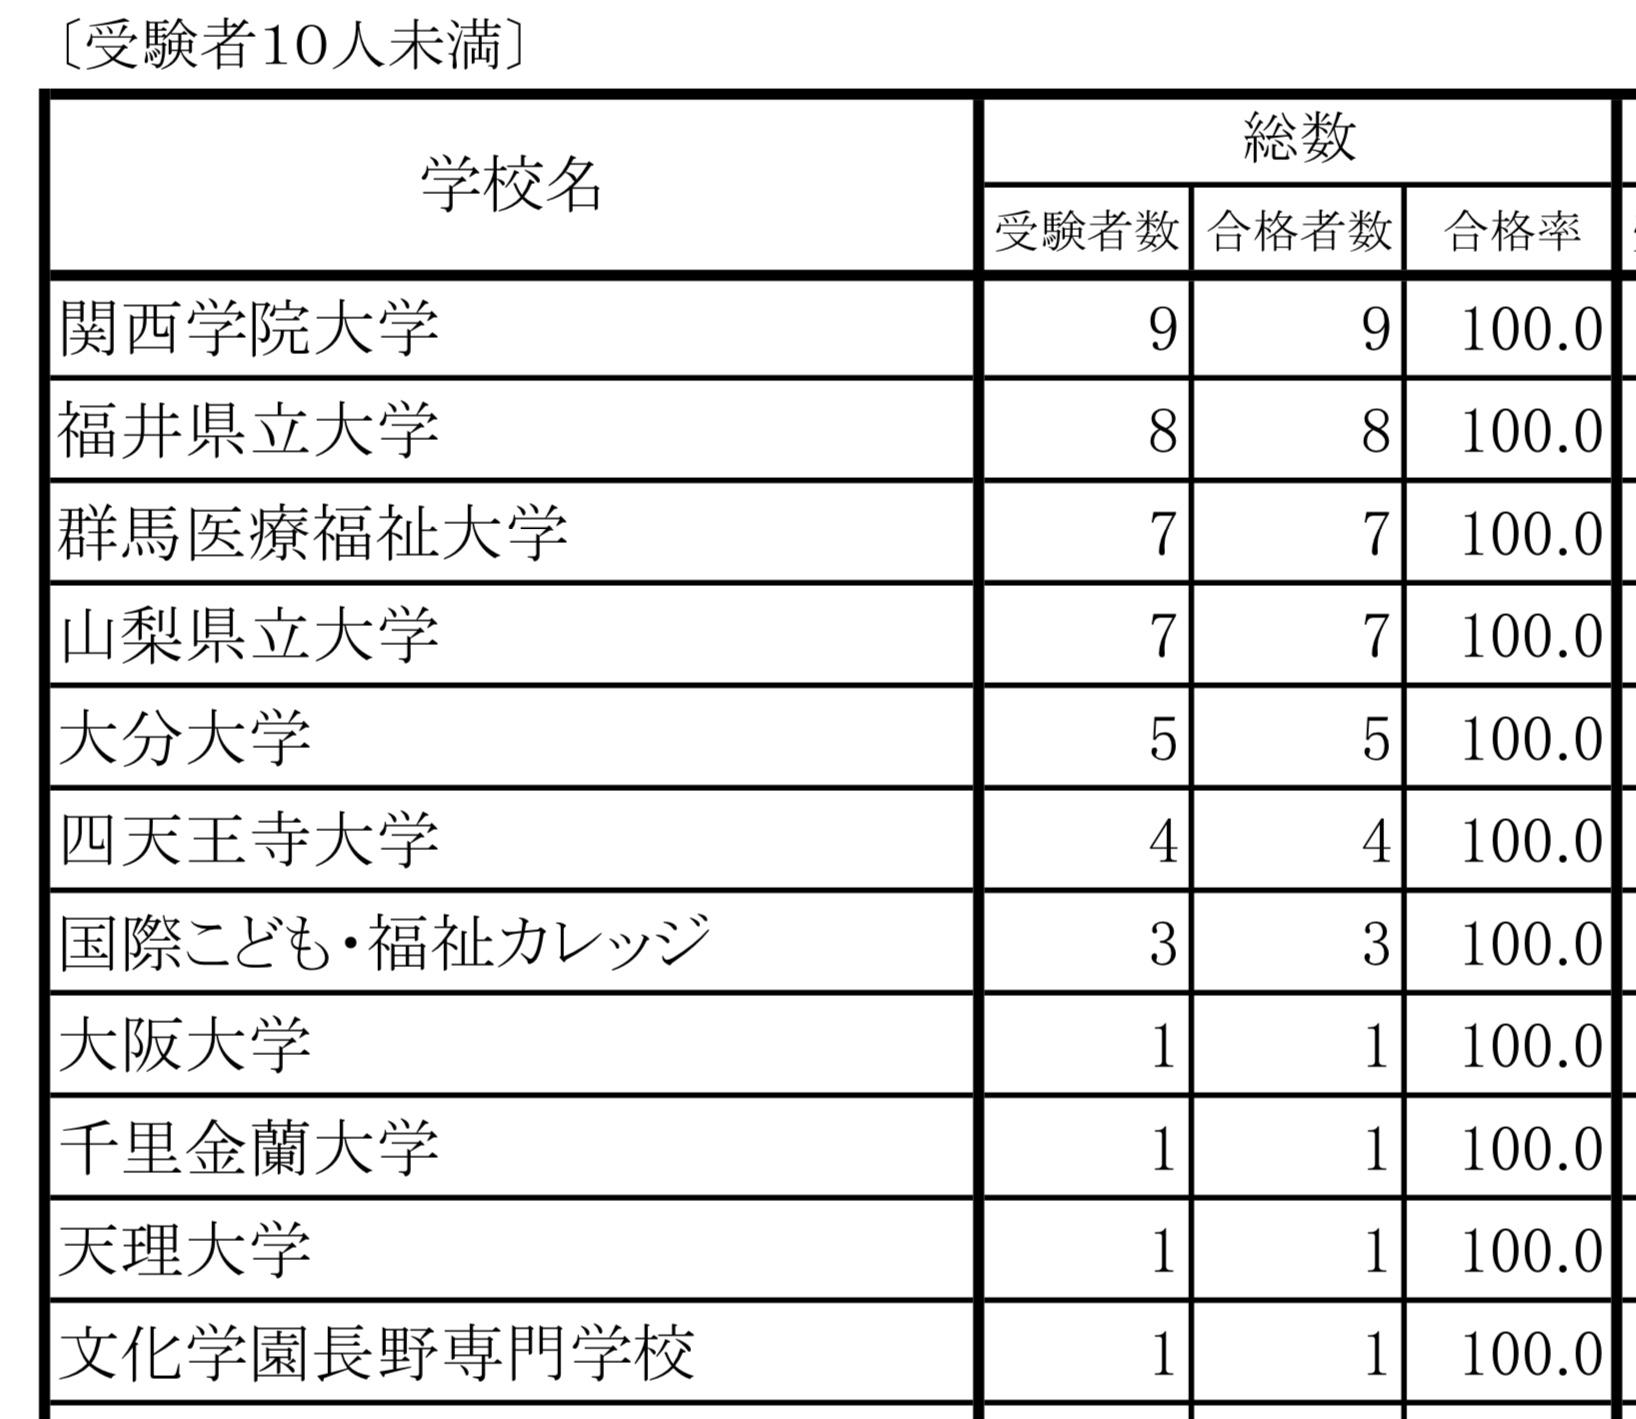 福祉系大学合格率(受験者10人未満)